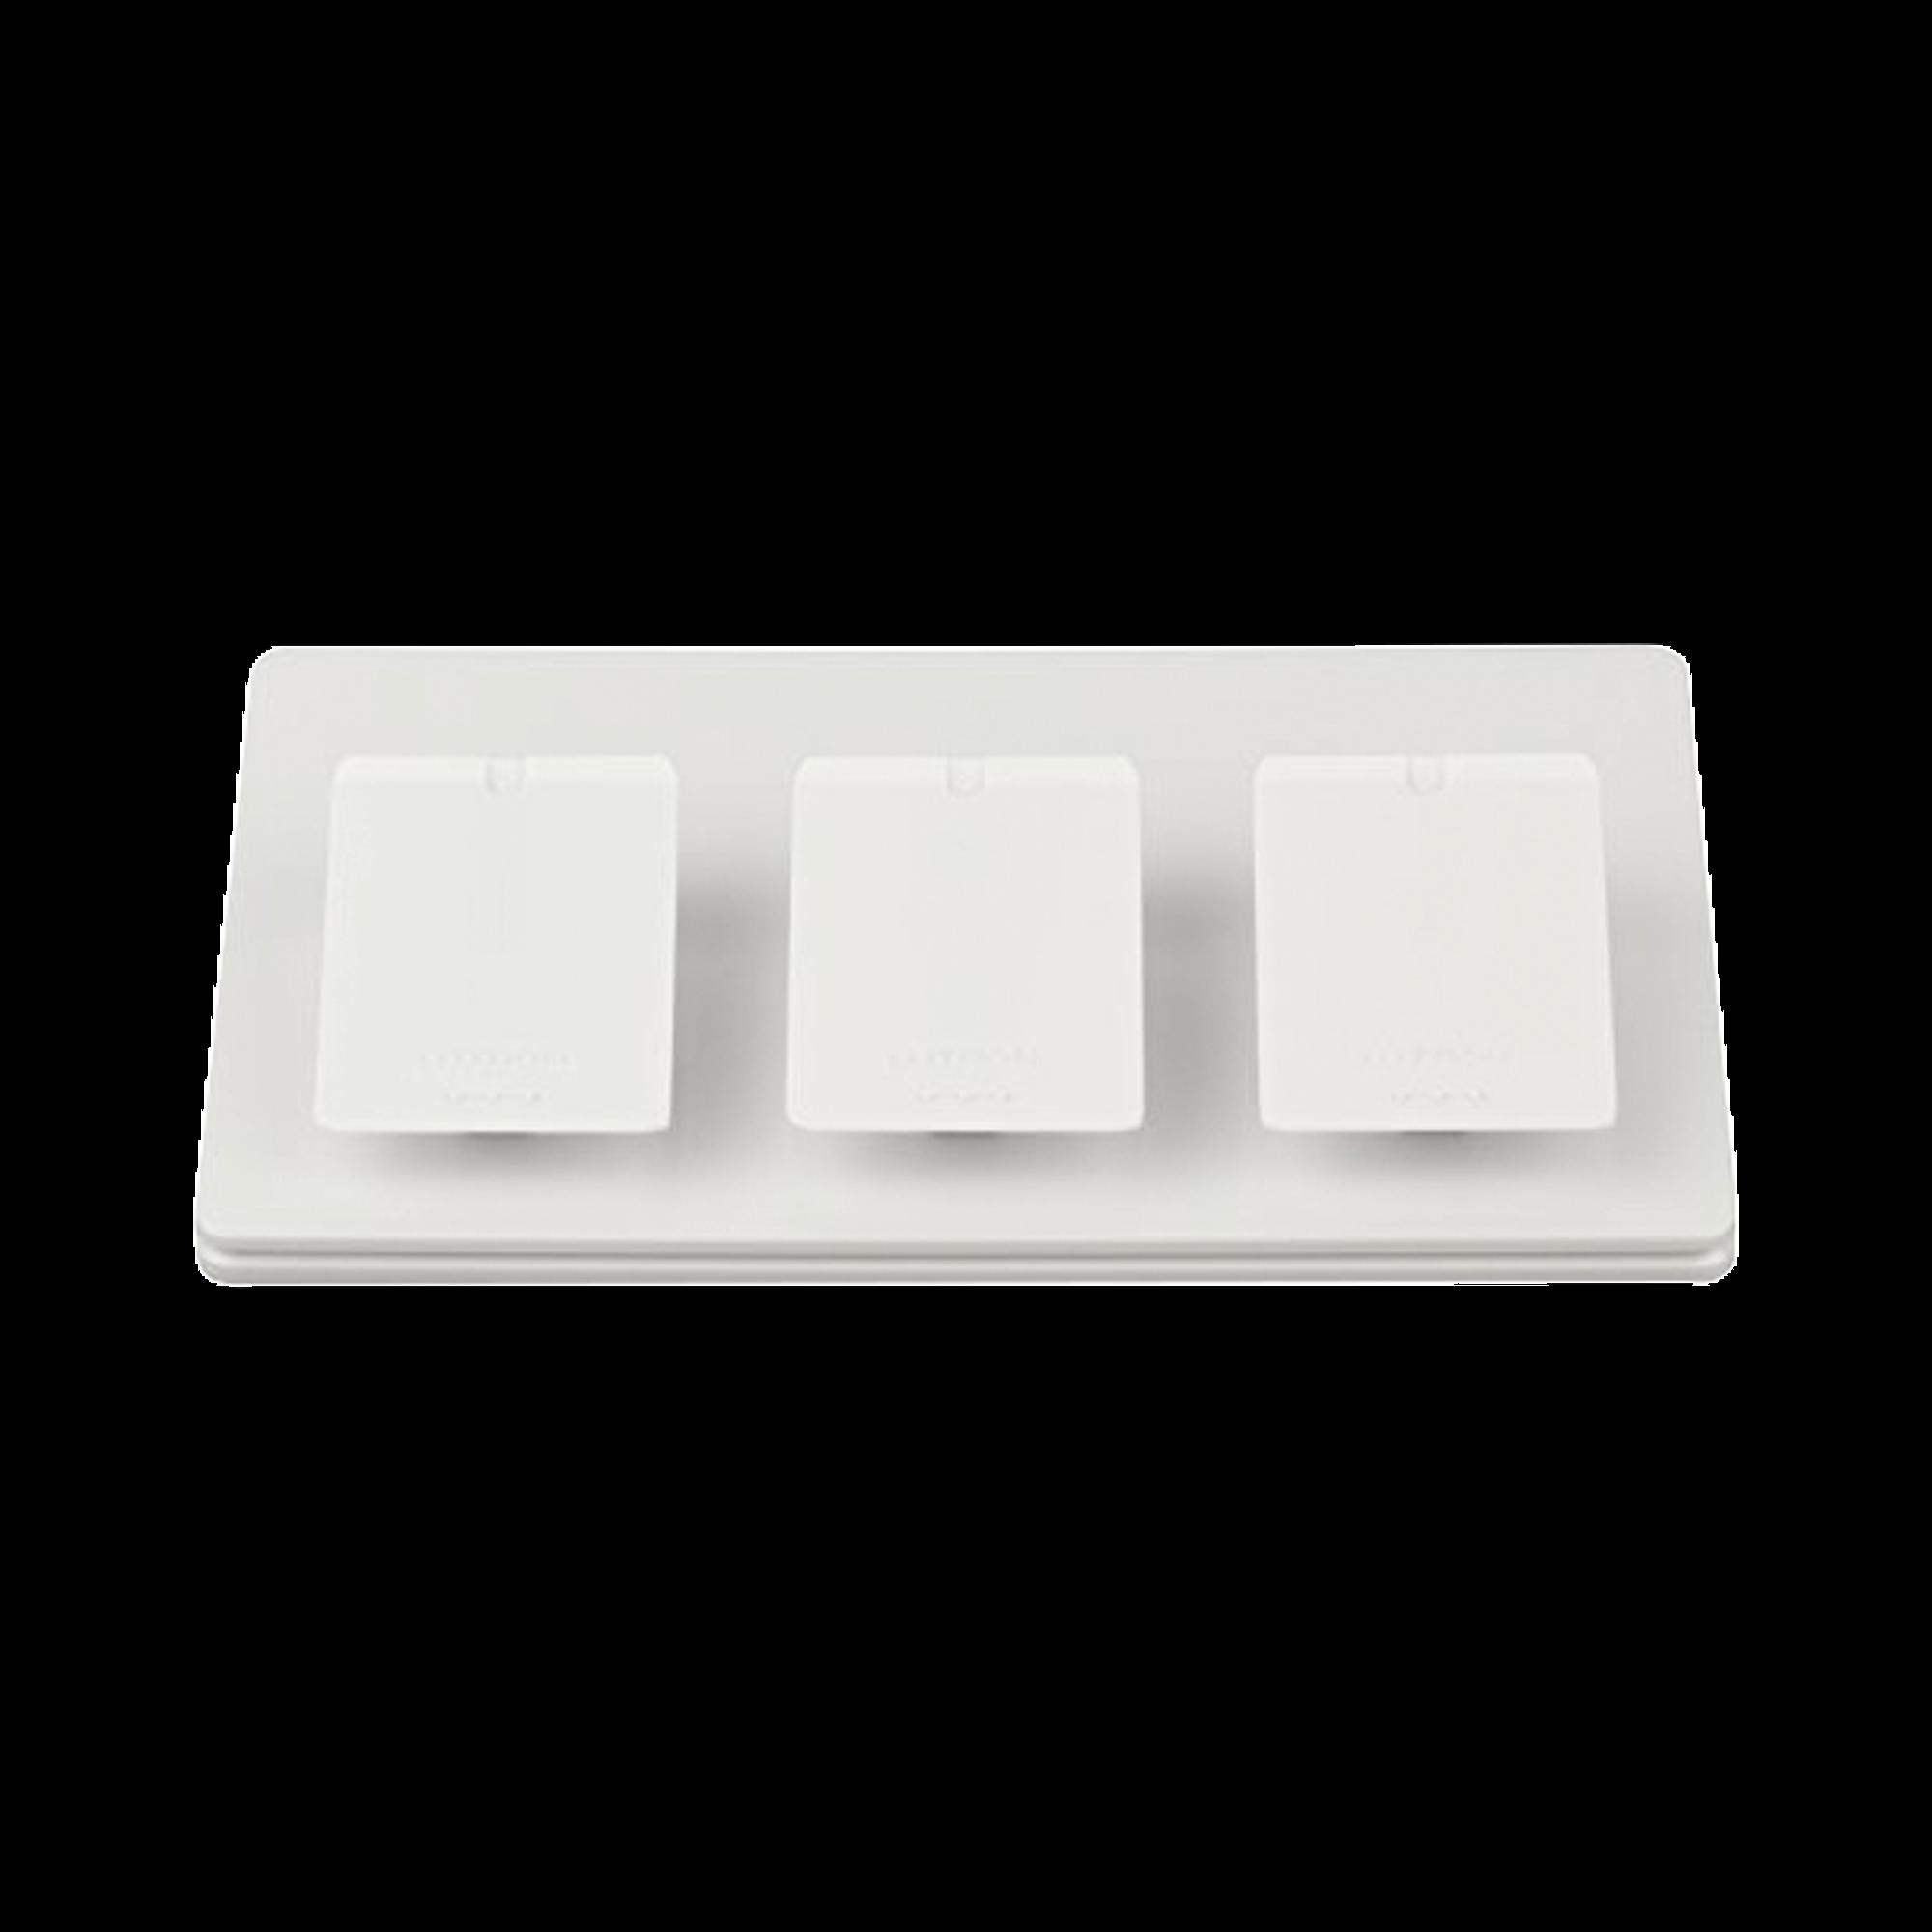 Base de mesa para controles PICO, para 3 espacios.